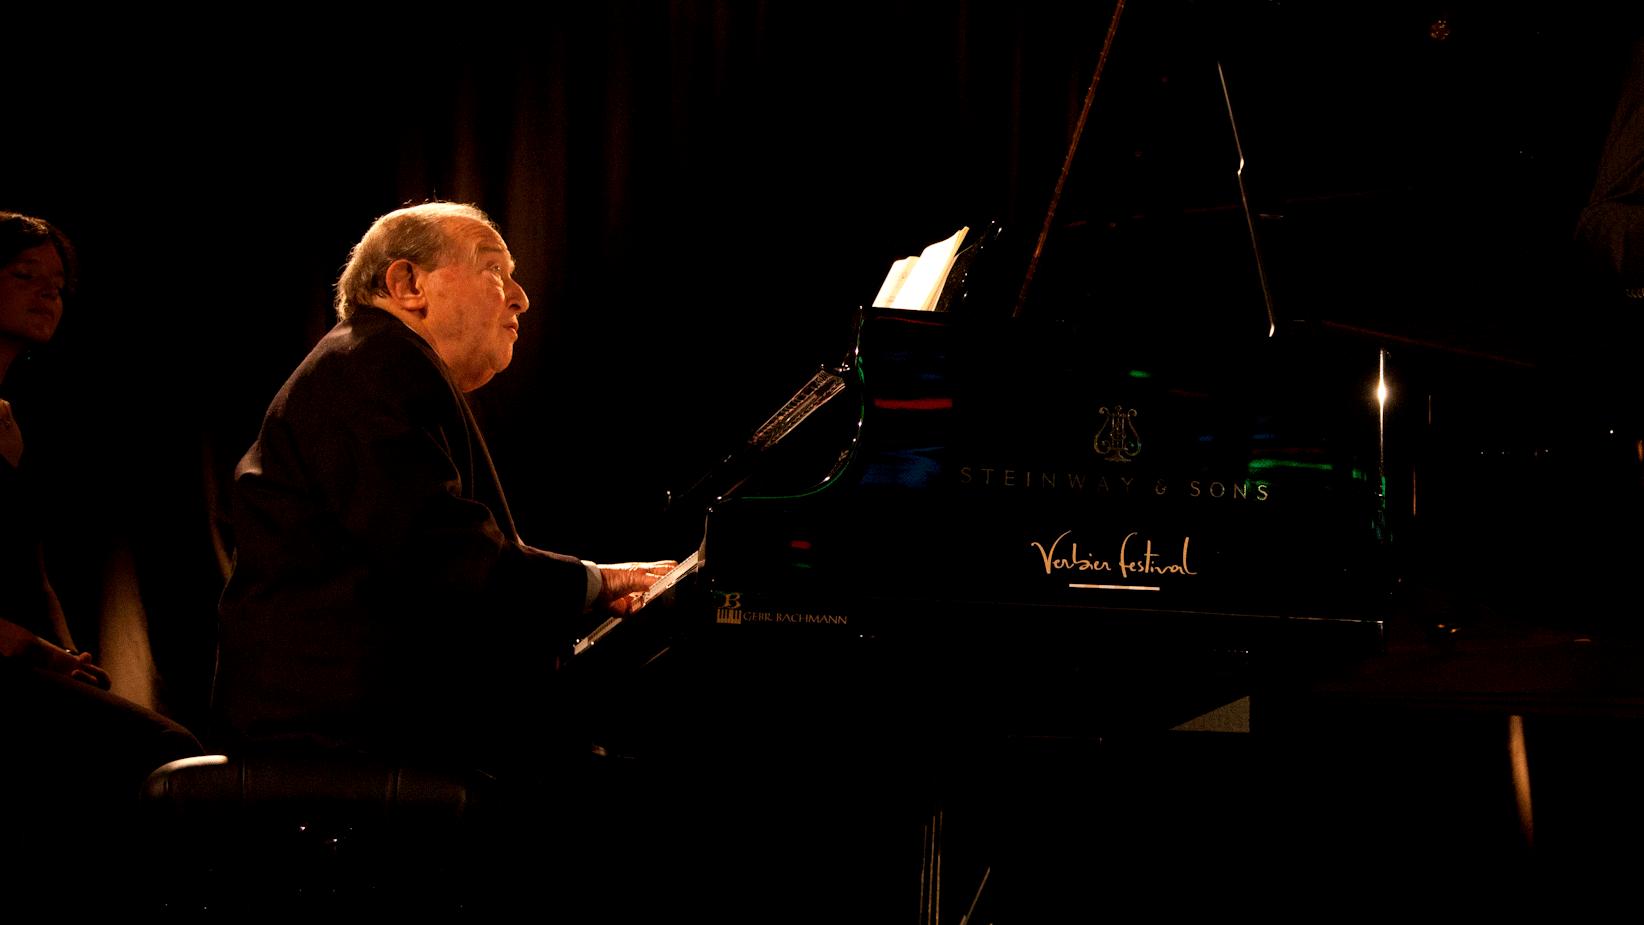 Christoph Prégardien et Menahem Pressler interprètent le Voyage d'hiver de Schubert